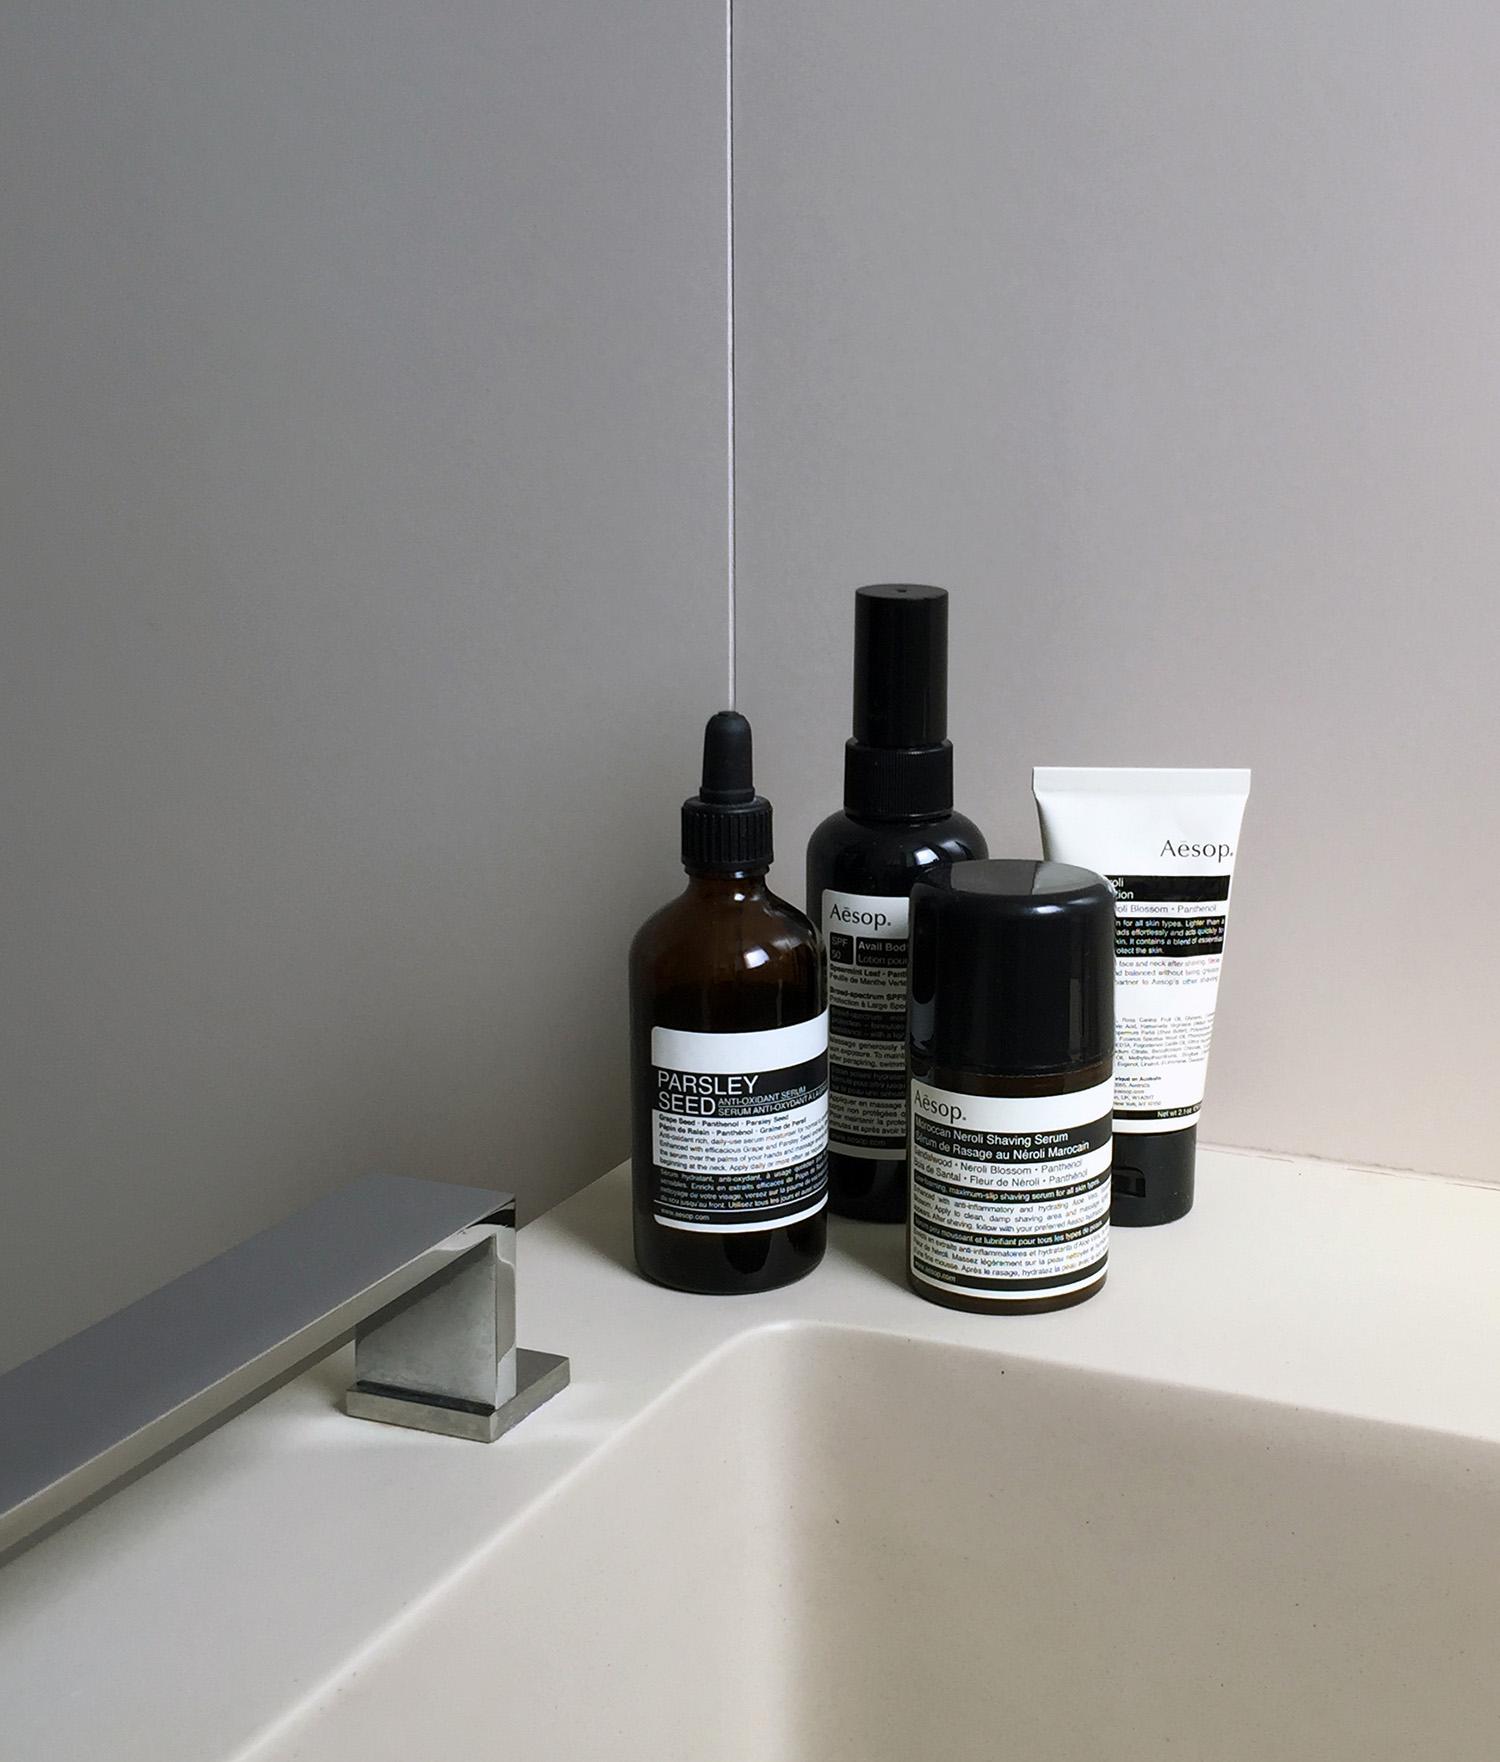 Aesop Skincare | Aesop Cheap | Aesop Skincare